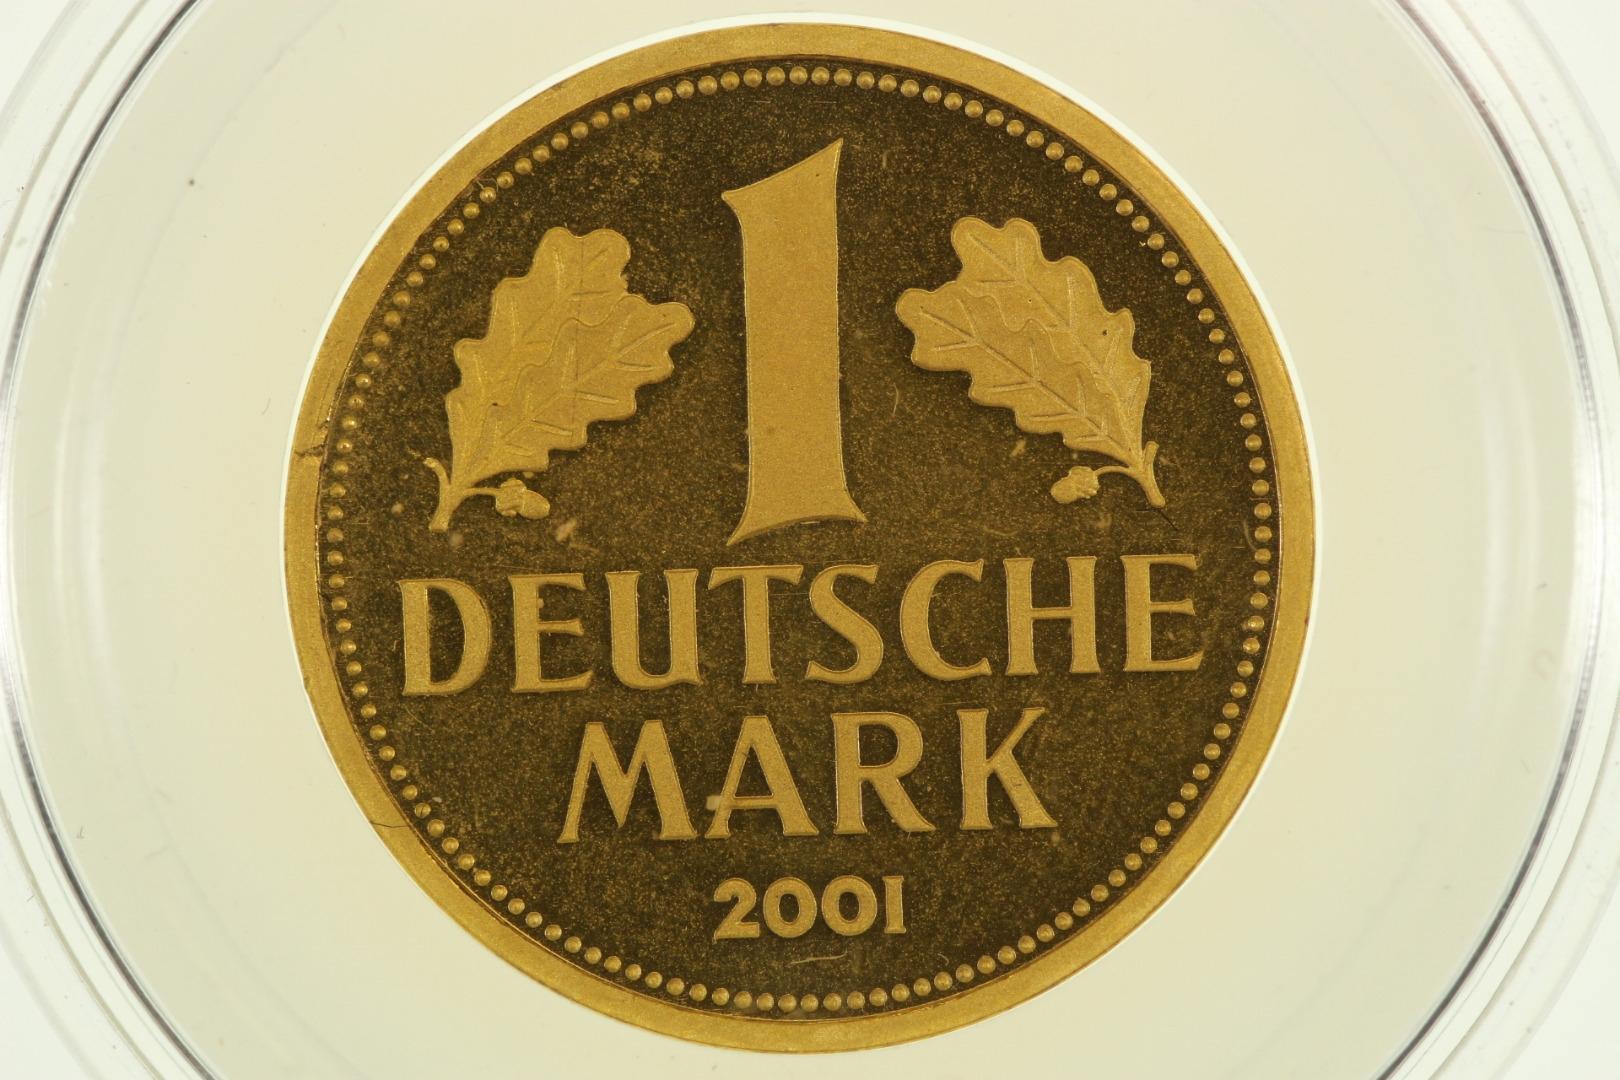 deutschland 1 dm gold m nze 2001 j stempelglanz bu. Black Bedroom Furniture Sets. Home Design Ideas